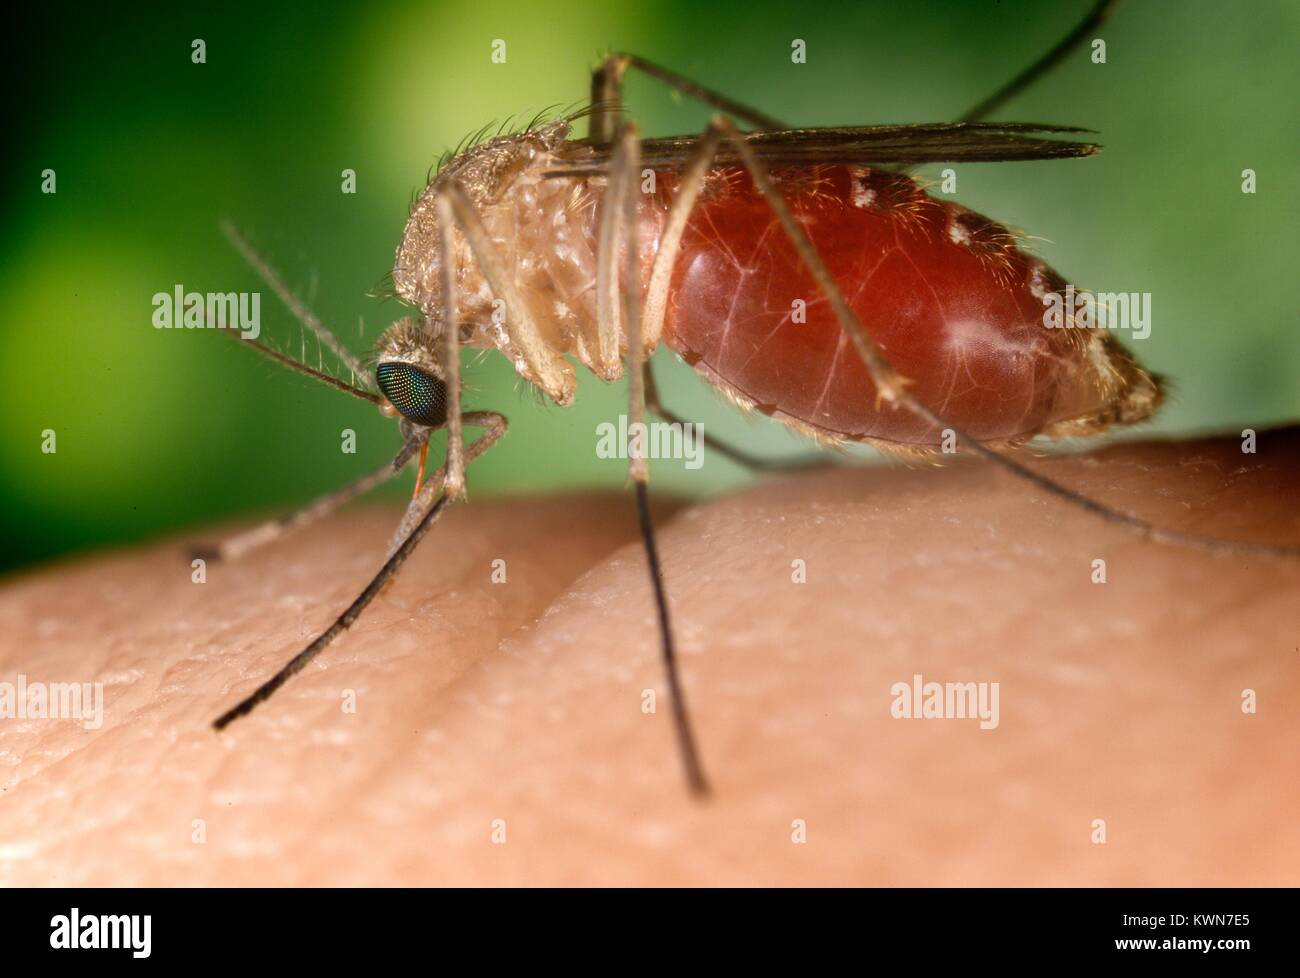 Conocido como un vector del virus del Nilo Occidental, este mosquito Culex quinquefasciatus ha aterrizado en un Imagen De Stock